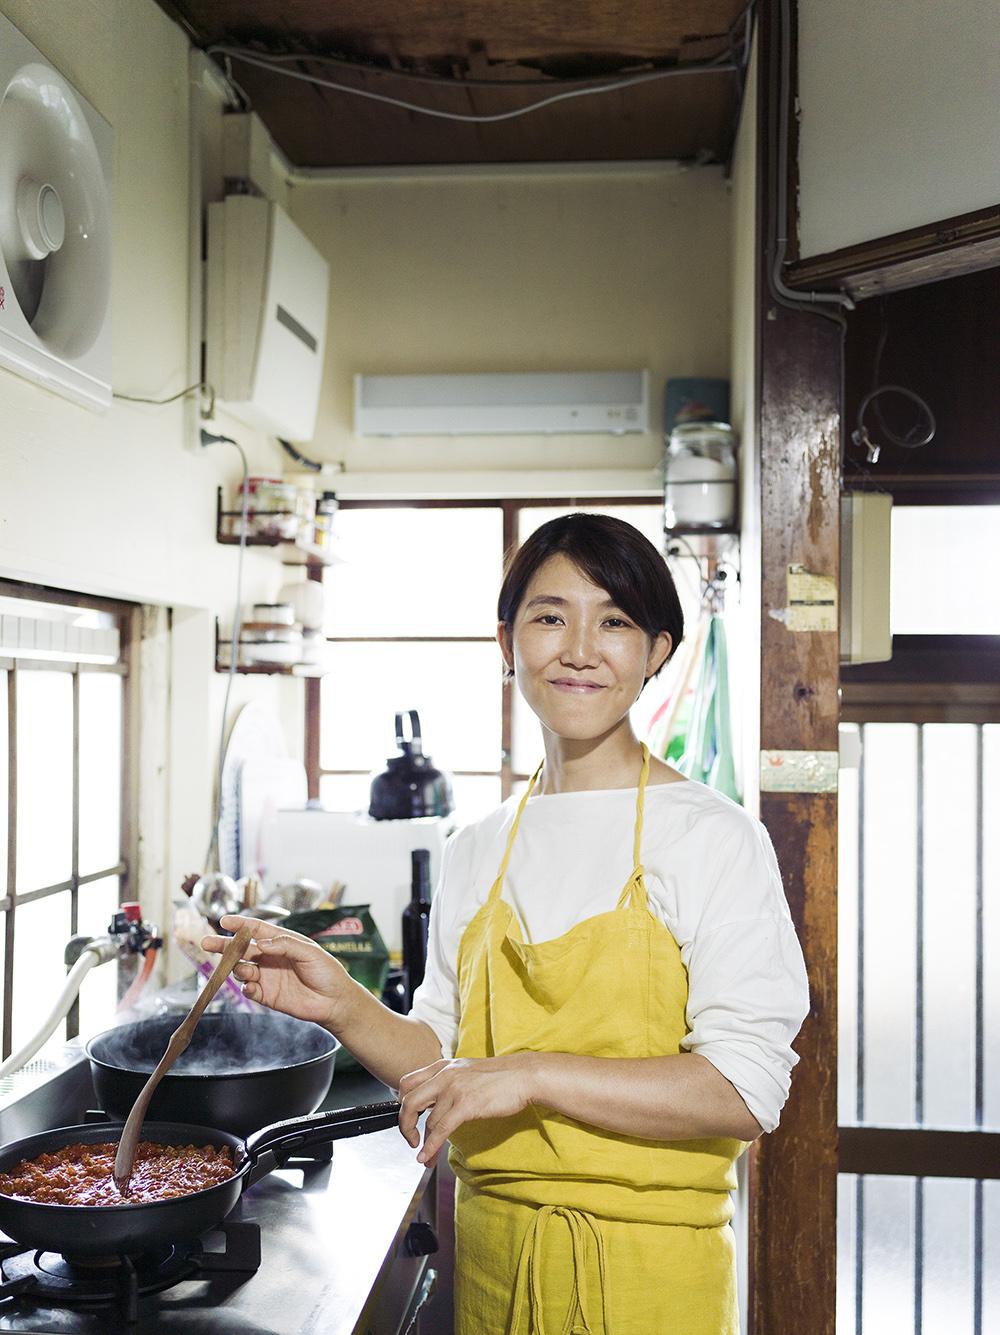 20210114_志麻さんの台所ルール5.jpg